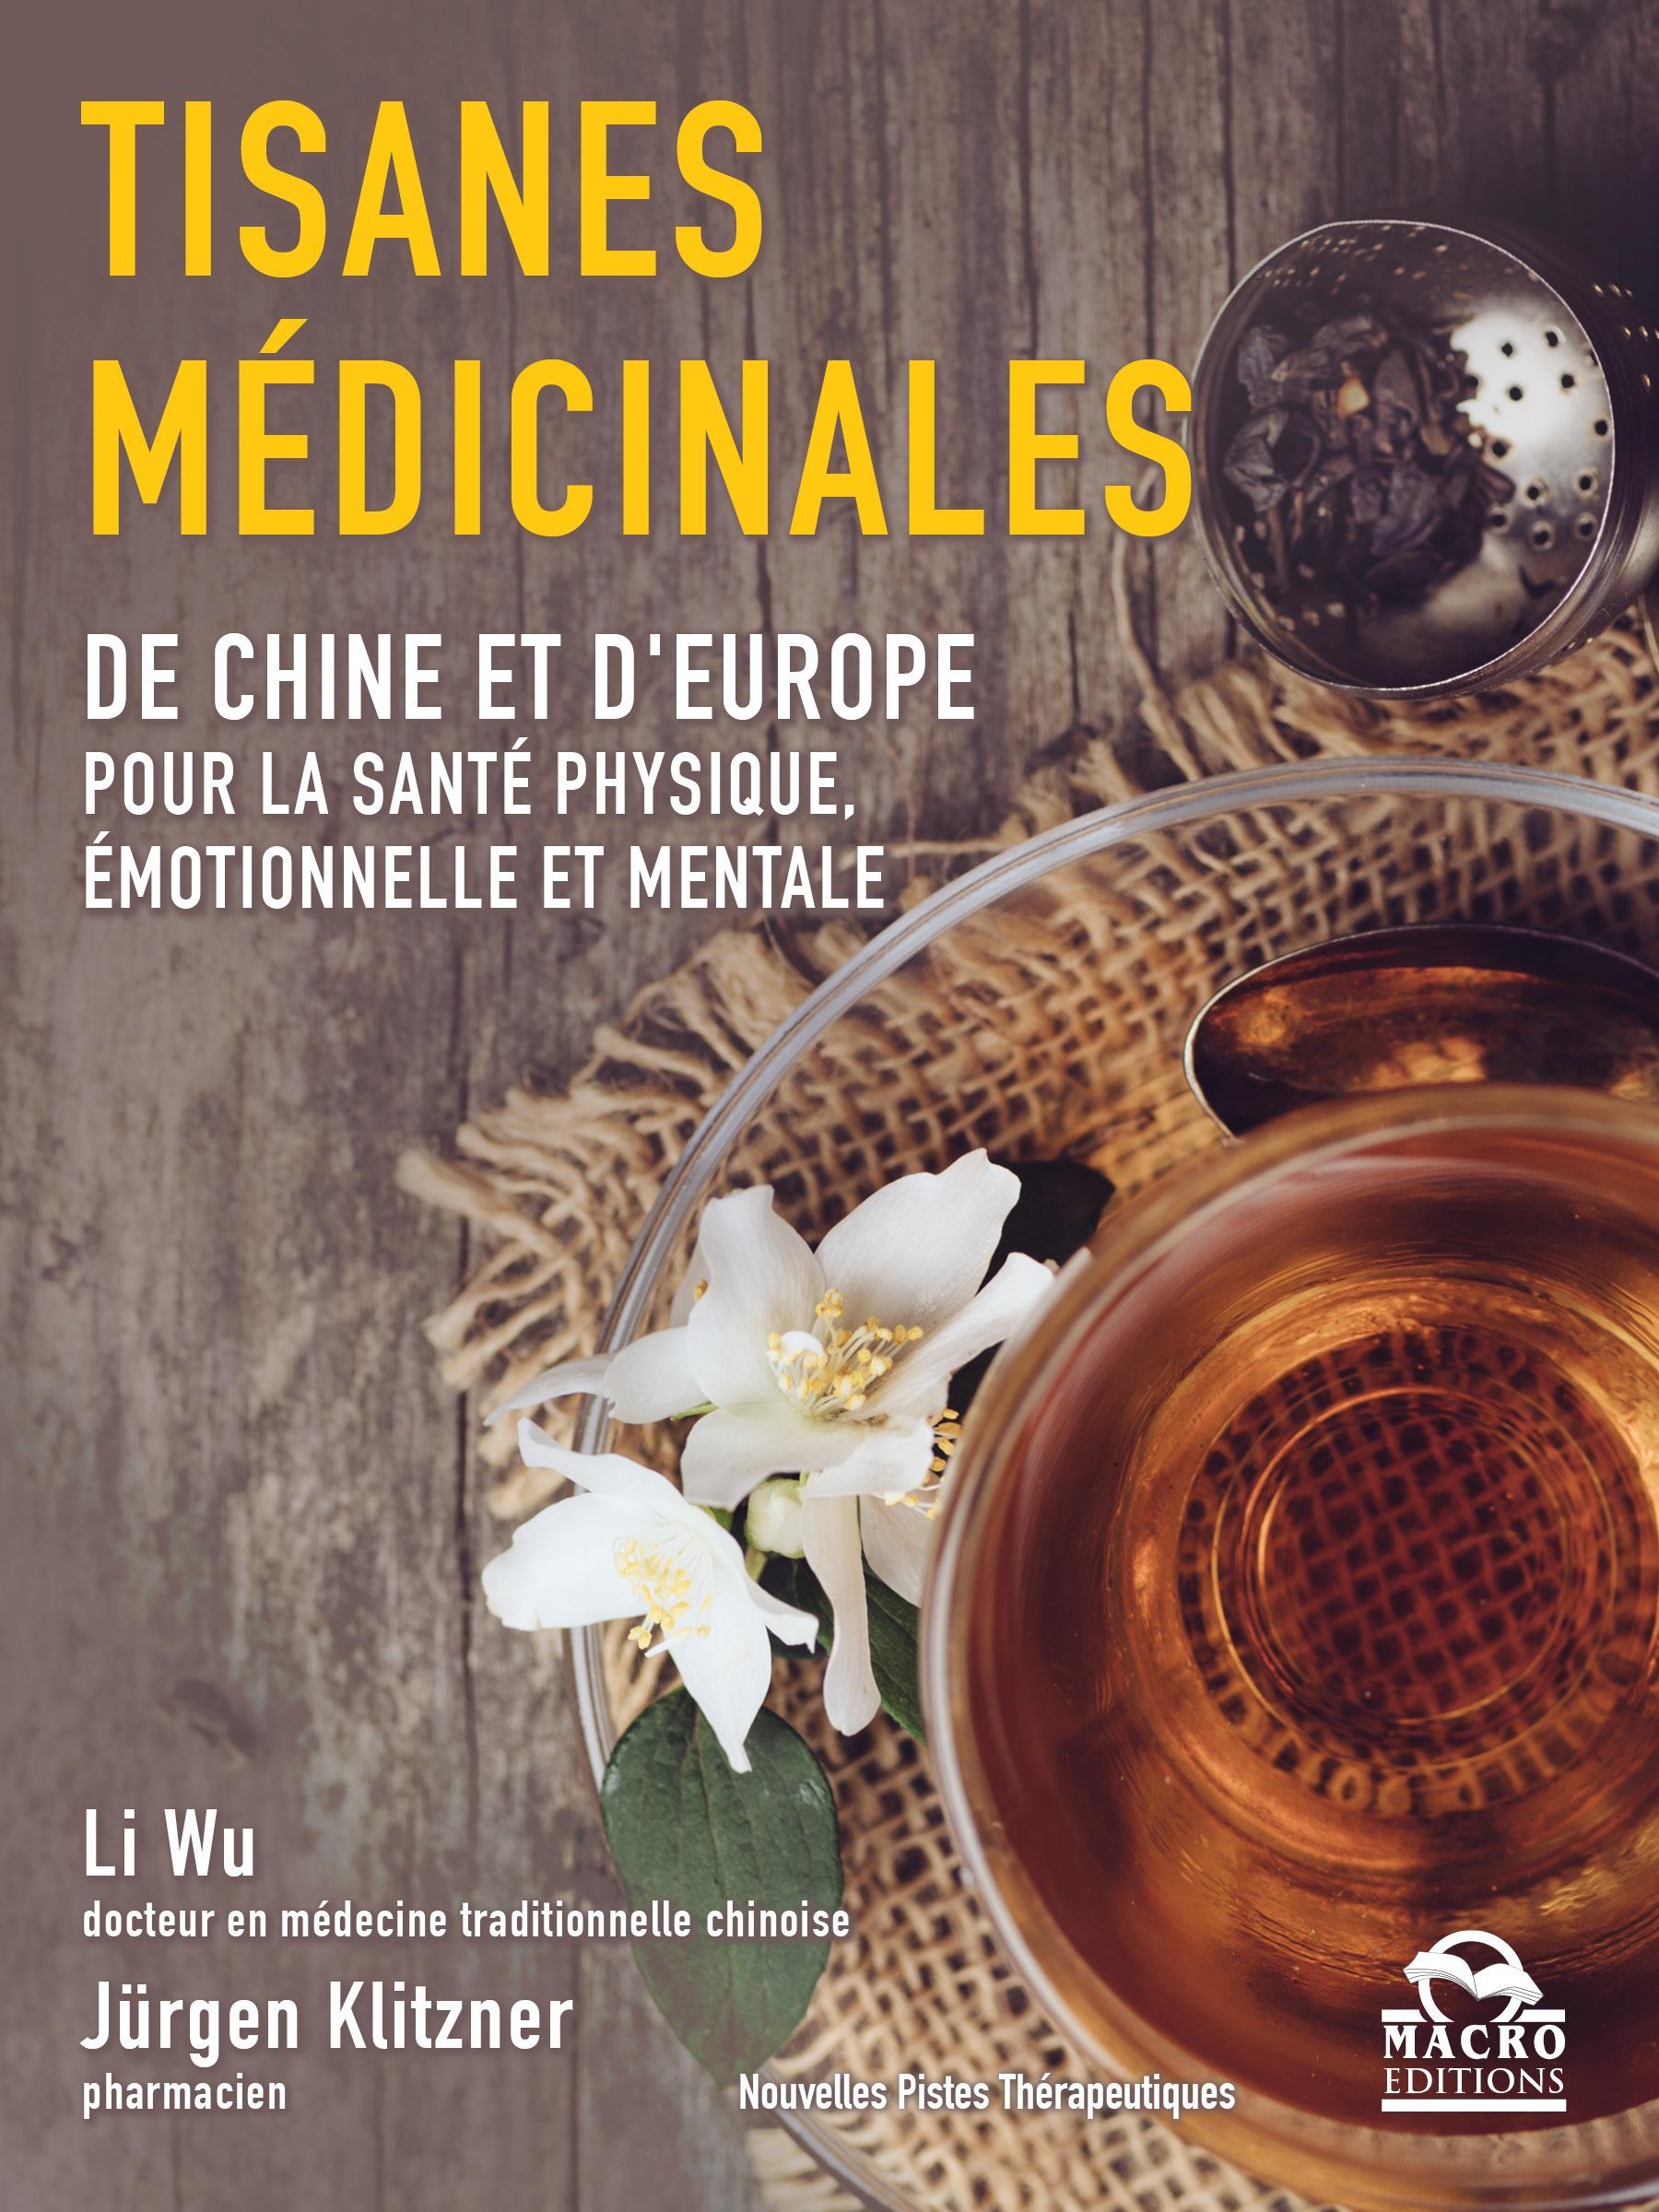 Les tisanes médicinales; de Chine et d'Europe pour la santé physique, émotionnelle et mentale